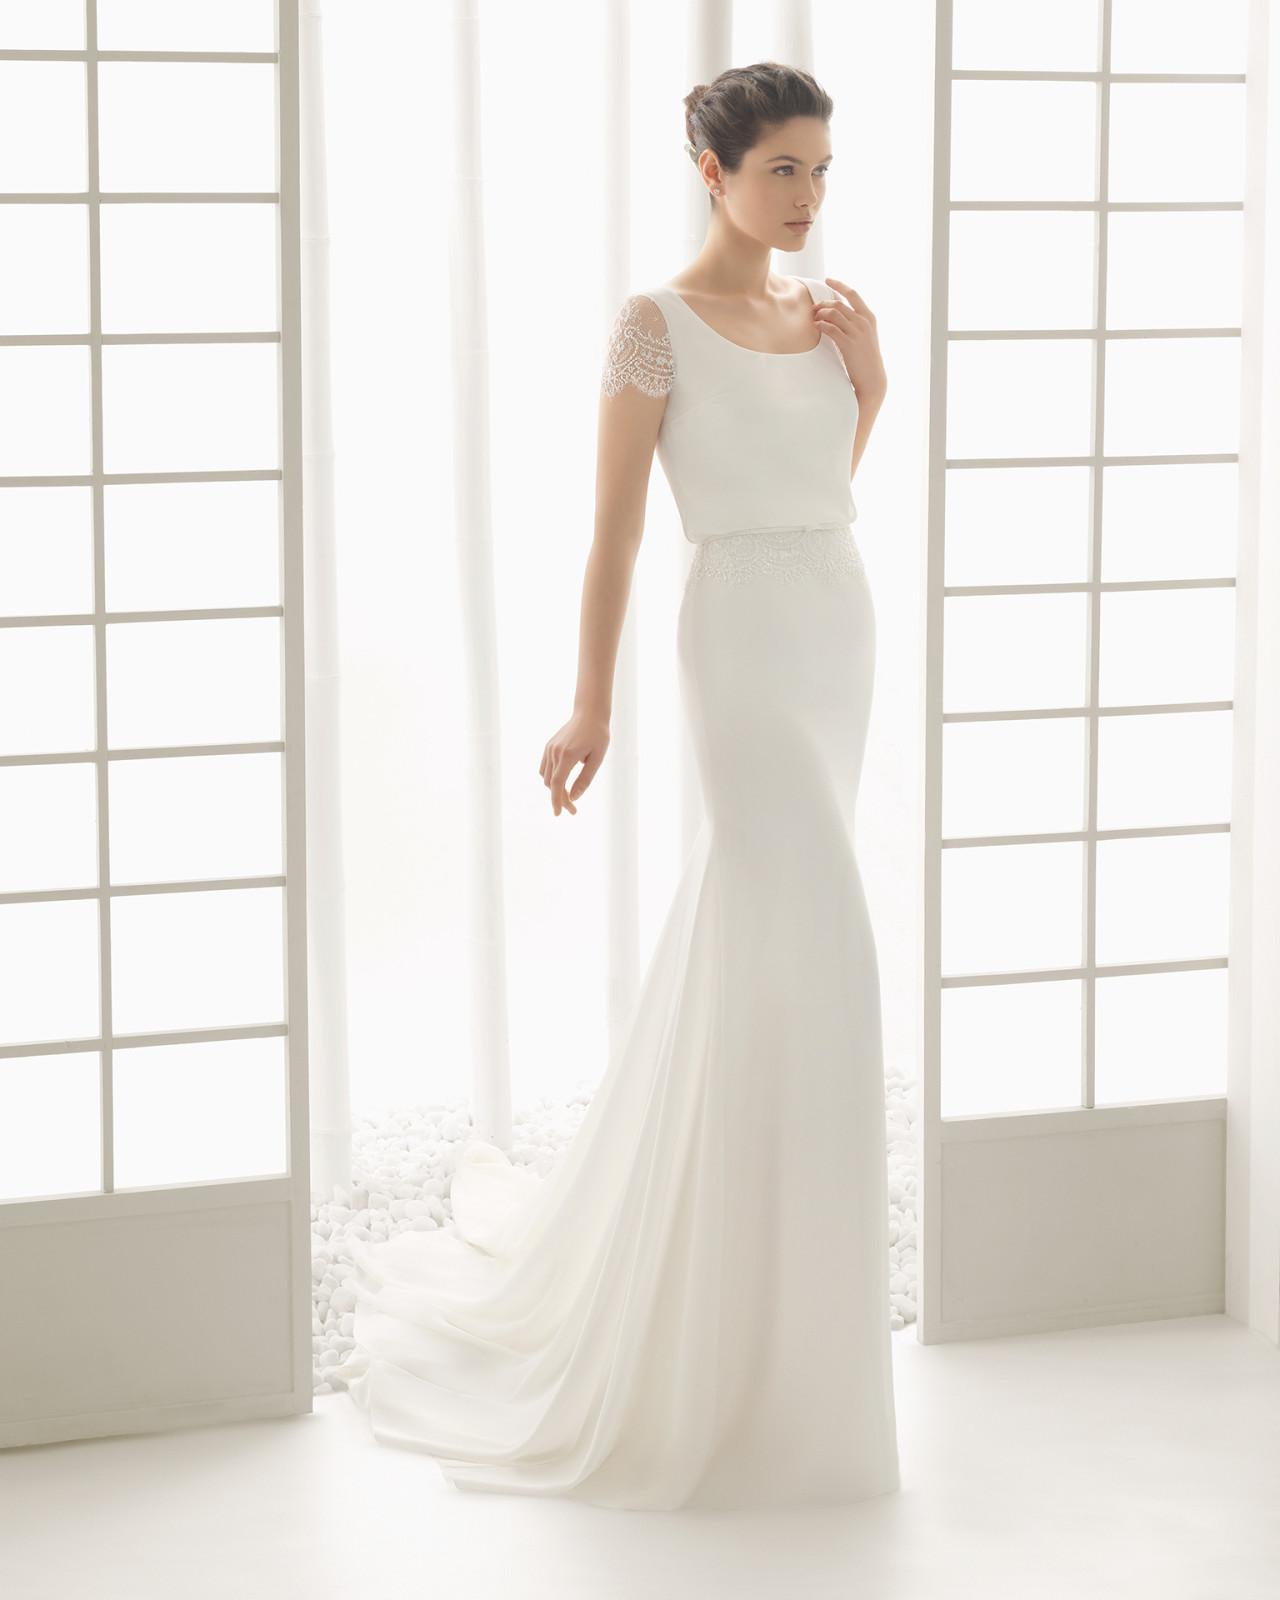 b13e1c07 Brudekjole Divan i chiffon med lille blondeærme. Dertil dyb ryg med  vandfald samt slæb